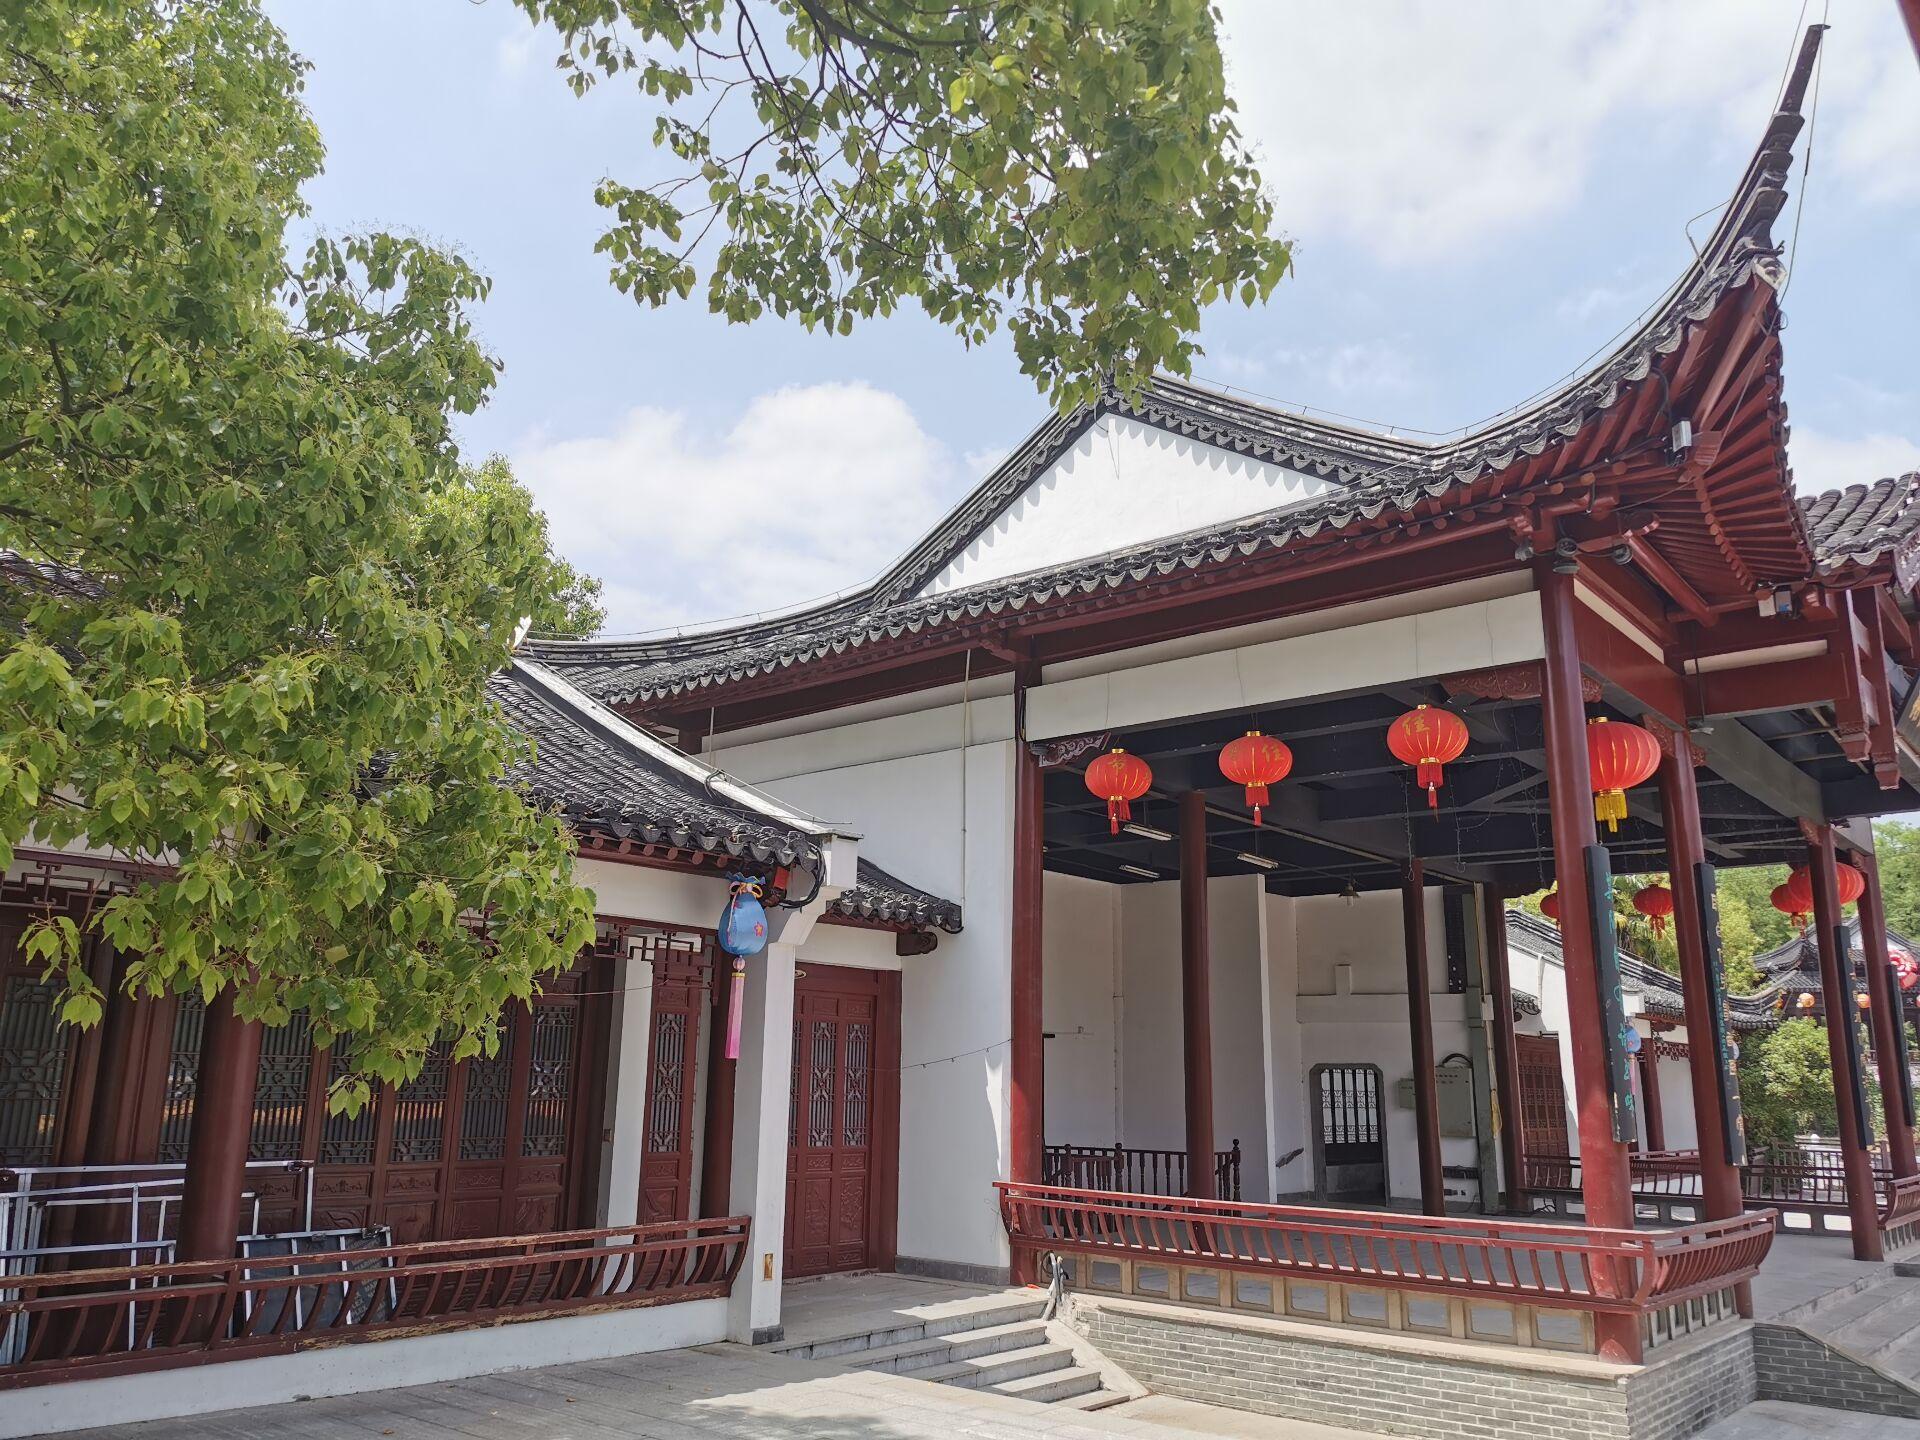 南京白鹭洲公园16.jpg